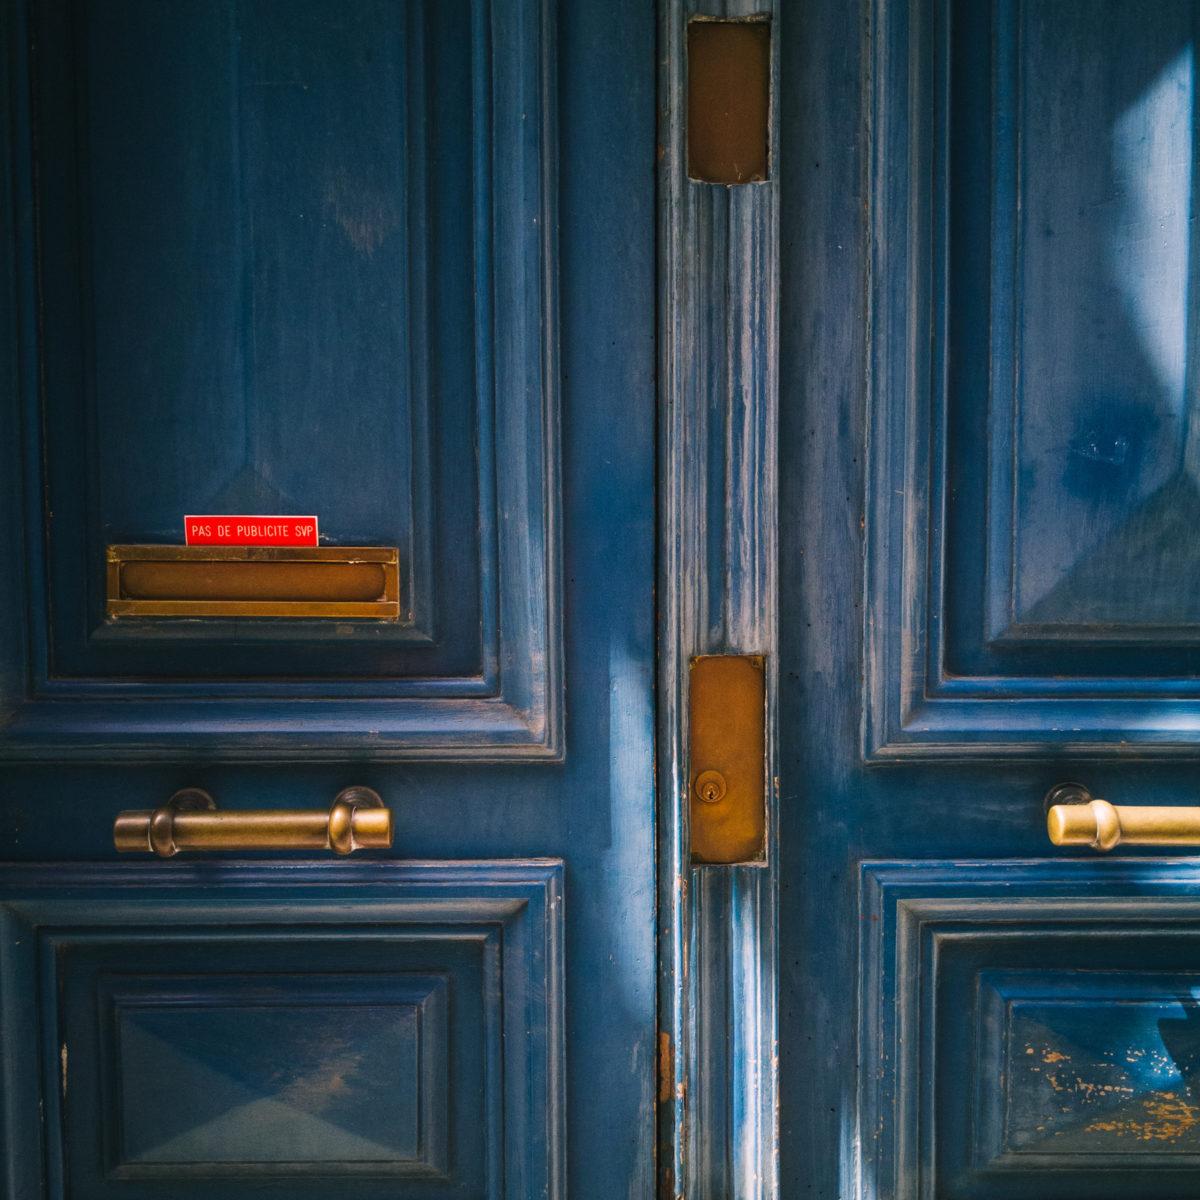 aliocha boi arles photographie resistances porte boite aux lettres publicite4 - Le photographe Aliocha Boi révèle la façade street d'Arles